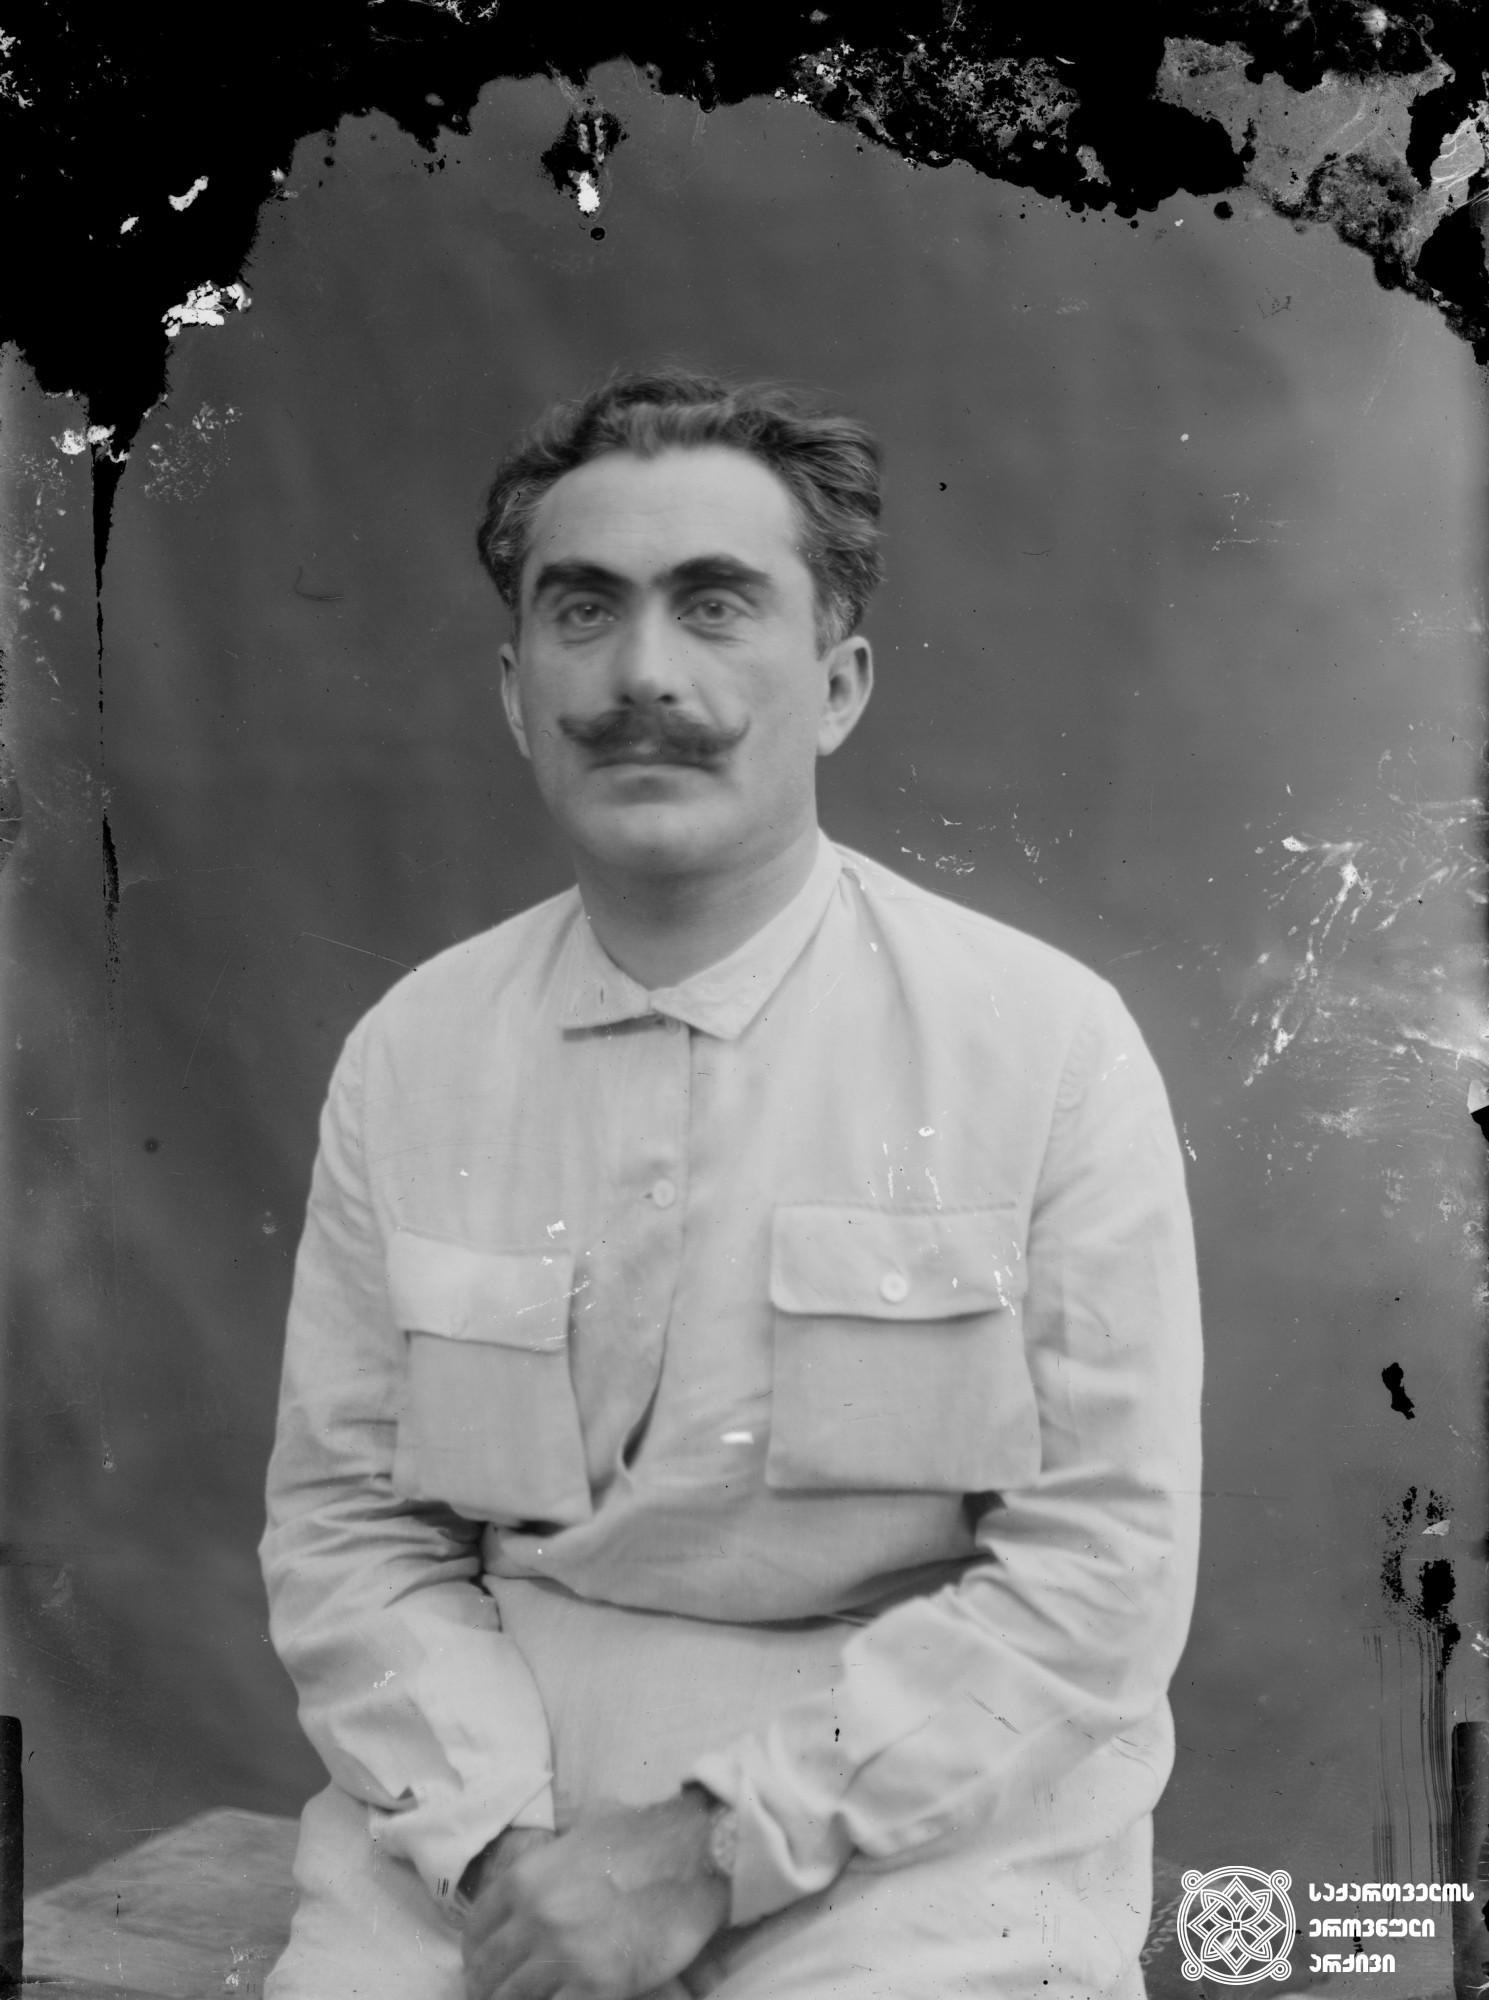 ქიმიკოსი საბა (ალექსანდრე) კლდიაშვილი (1873-1905). <br> მინის ნეგატივი 12X16. <br> Chemist Saba (Alexander) Kldiashvili (1873-1905). <br> Glass negative 12X16. <br>